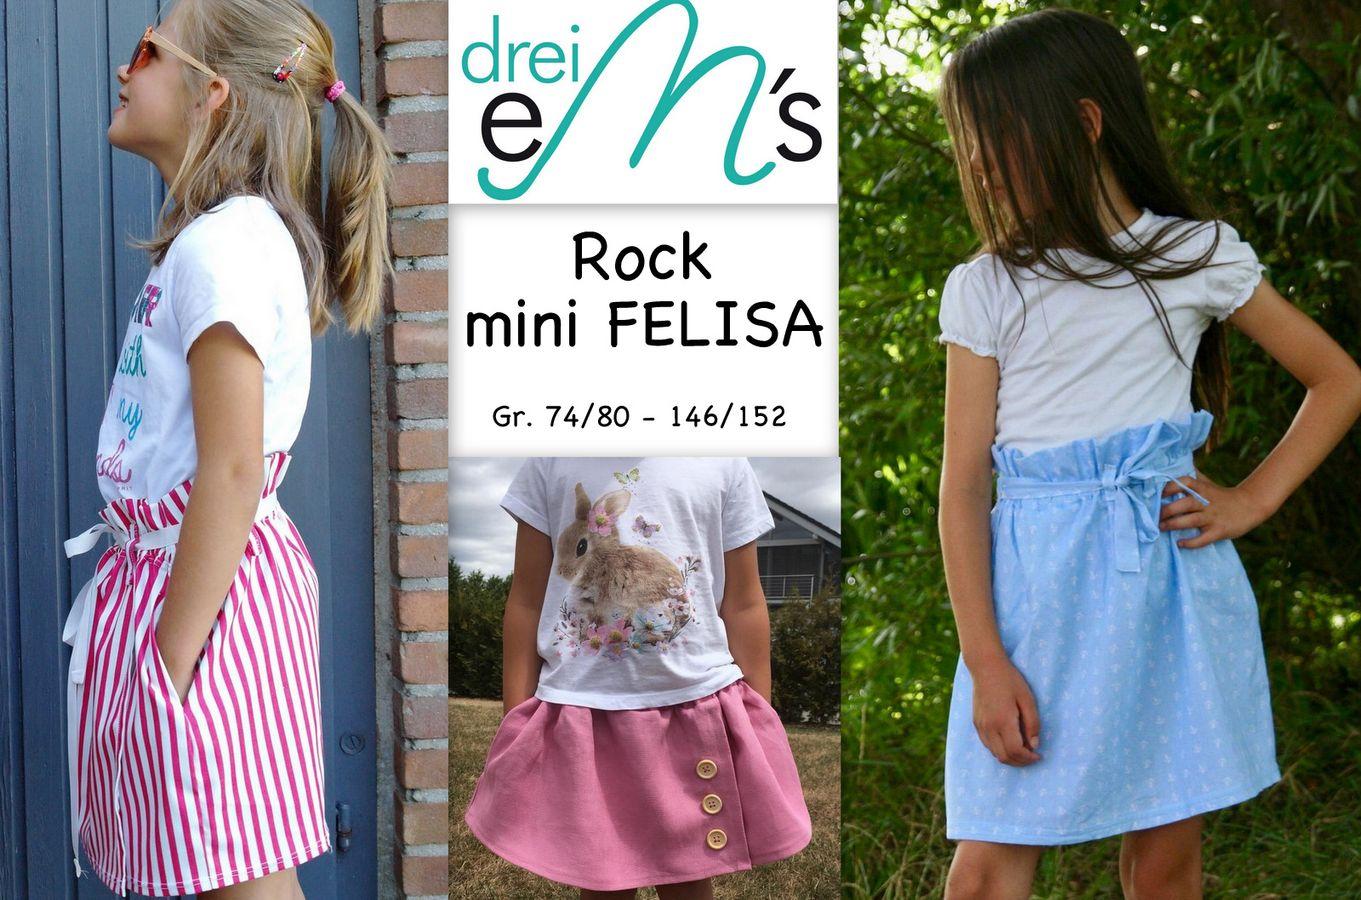 Produktfoto von drei eMs für Schnittmuster Rock mini Felisa